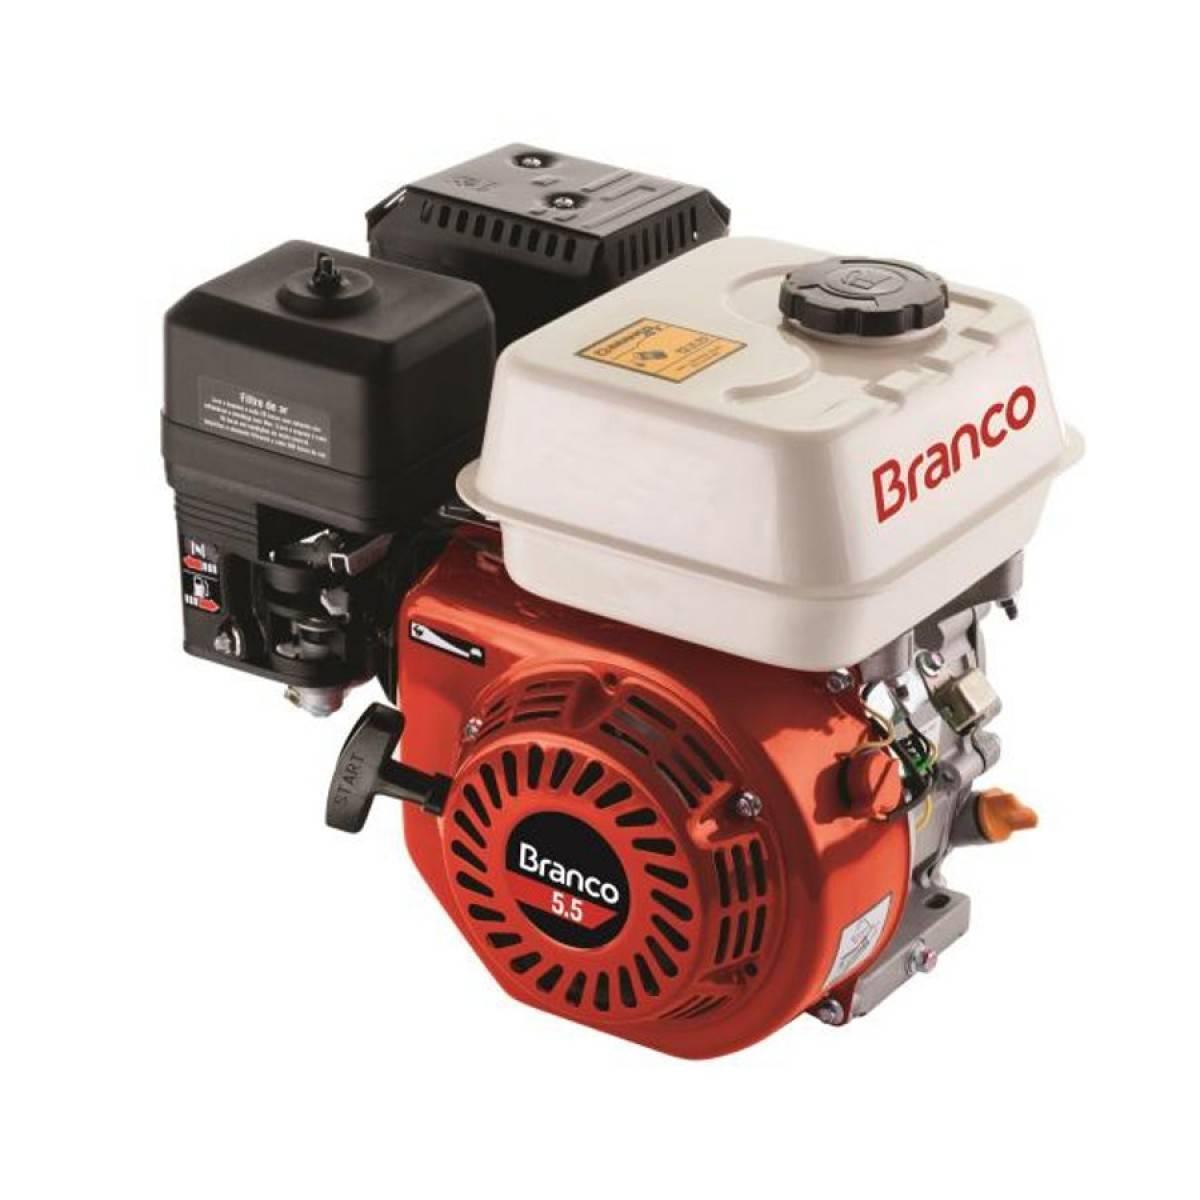 Motor Branco B4T 5,5CV Eixo H S/ Alerta de òleo, Em PROMOÇÃO - BSS Maquinas